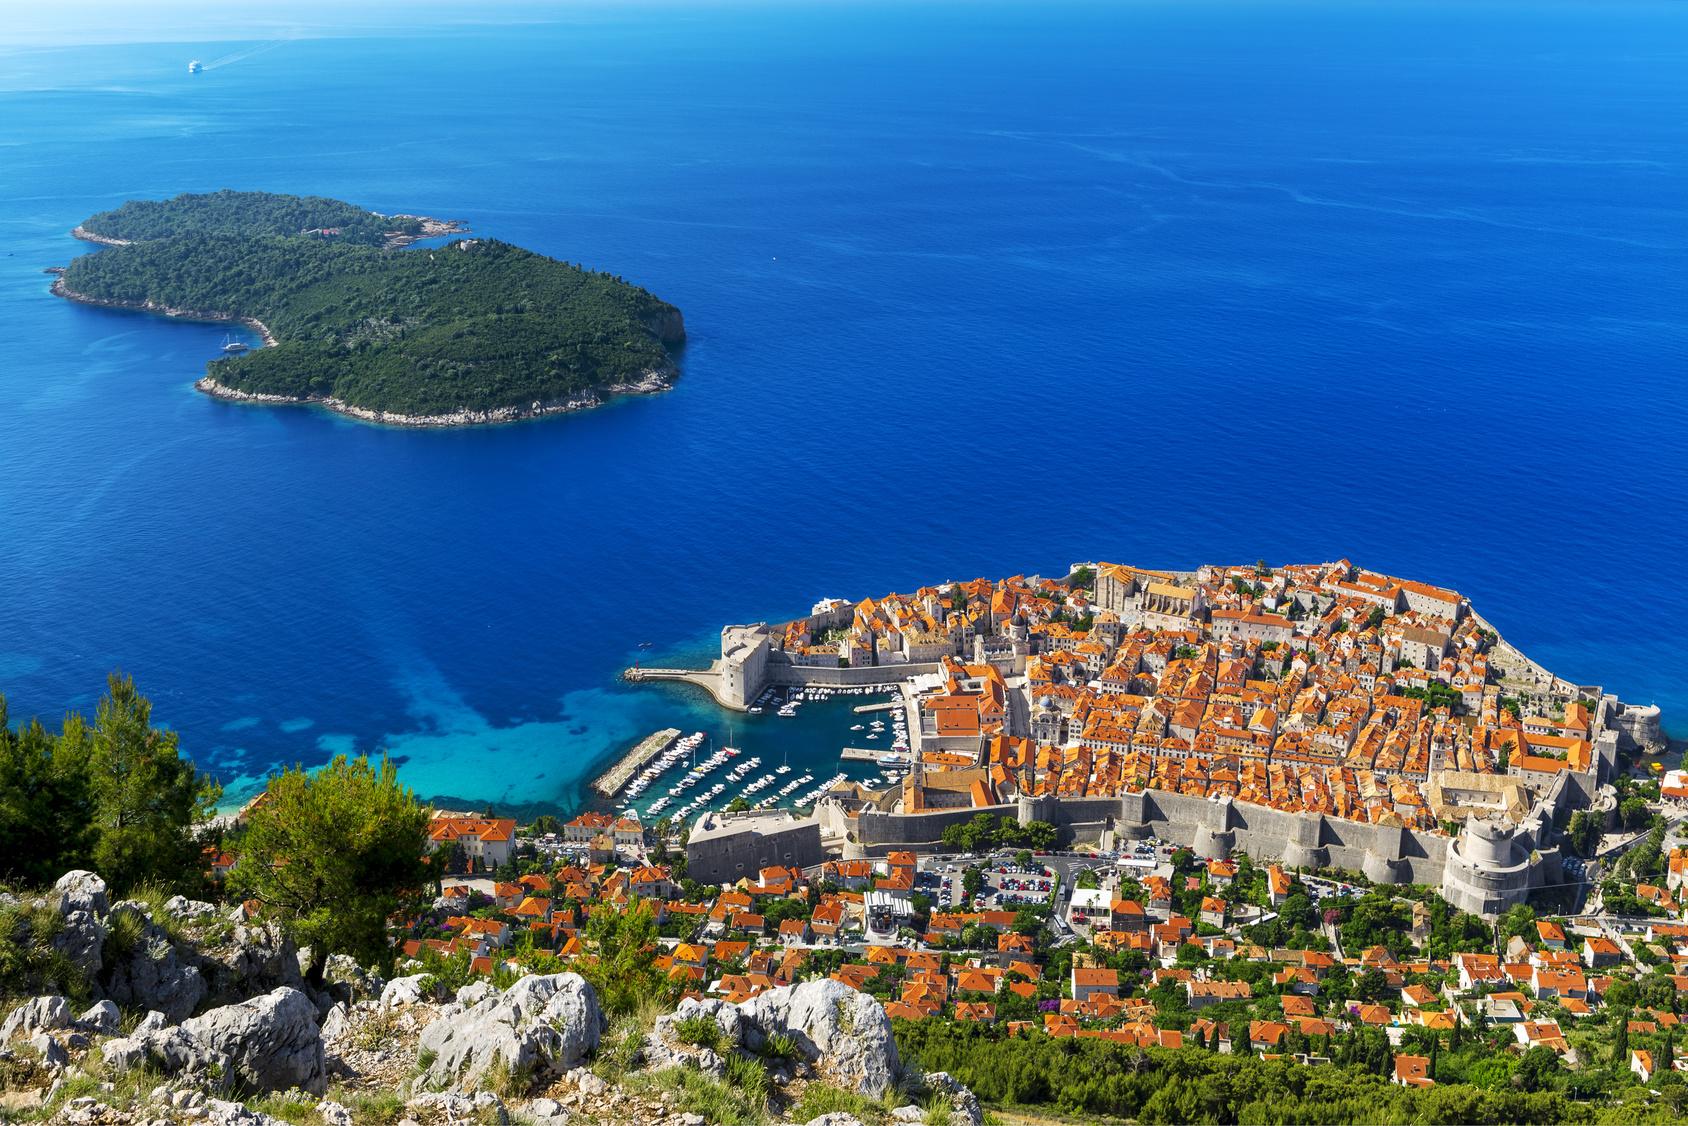 Wakacje w Chorwacji - sprawdź ofertę!